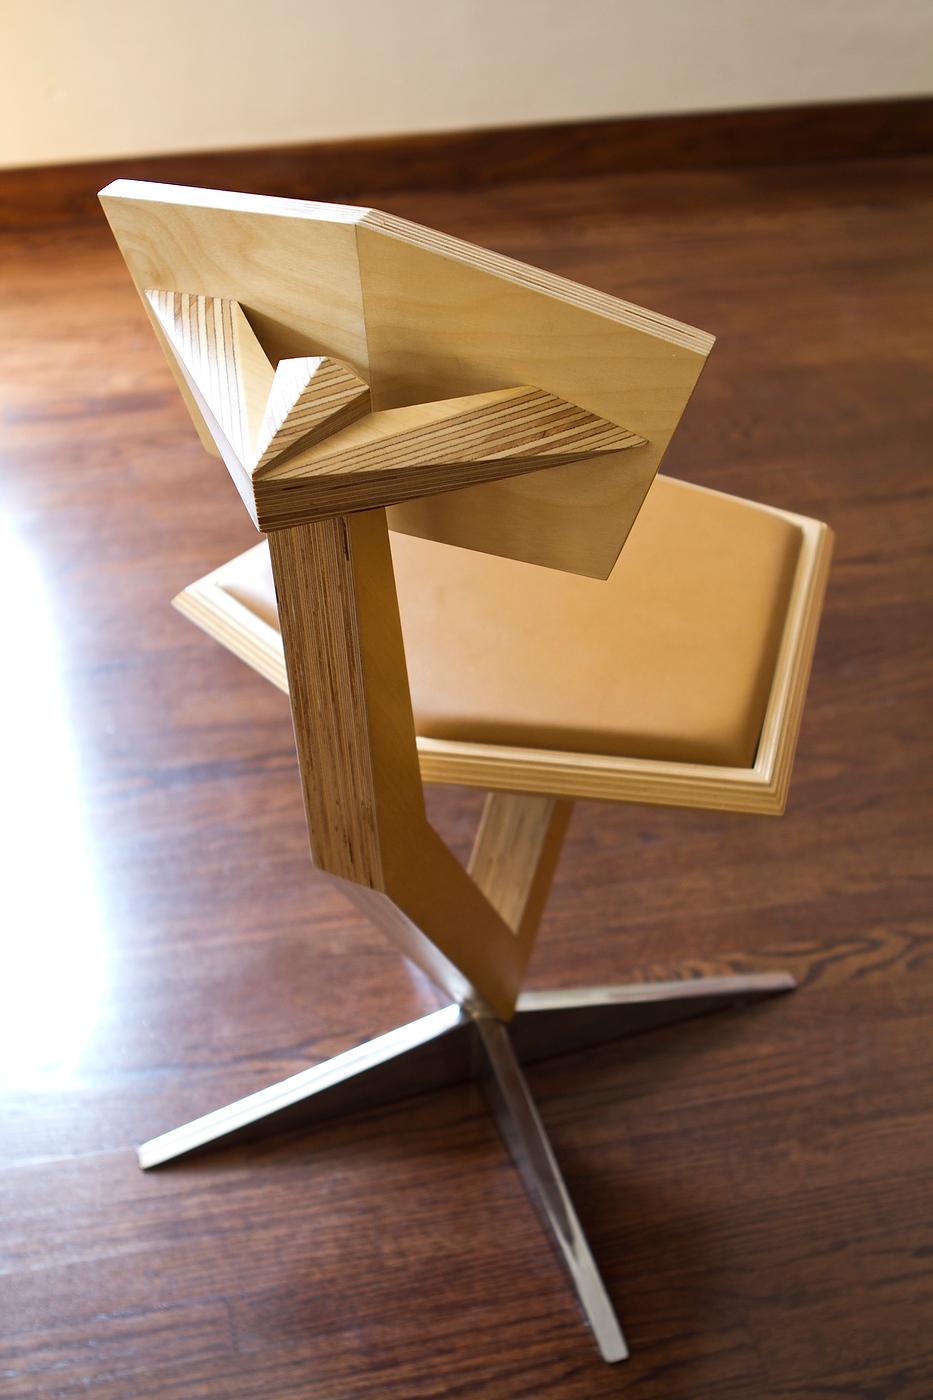 furniture-chair-table-03.jpg